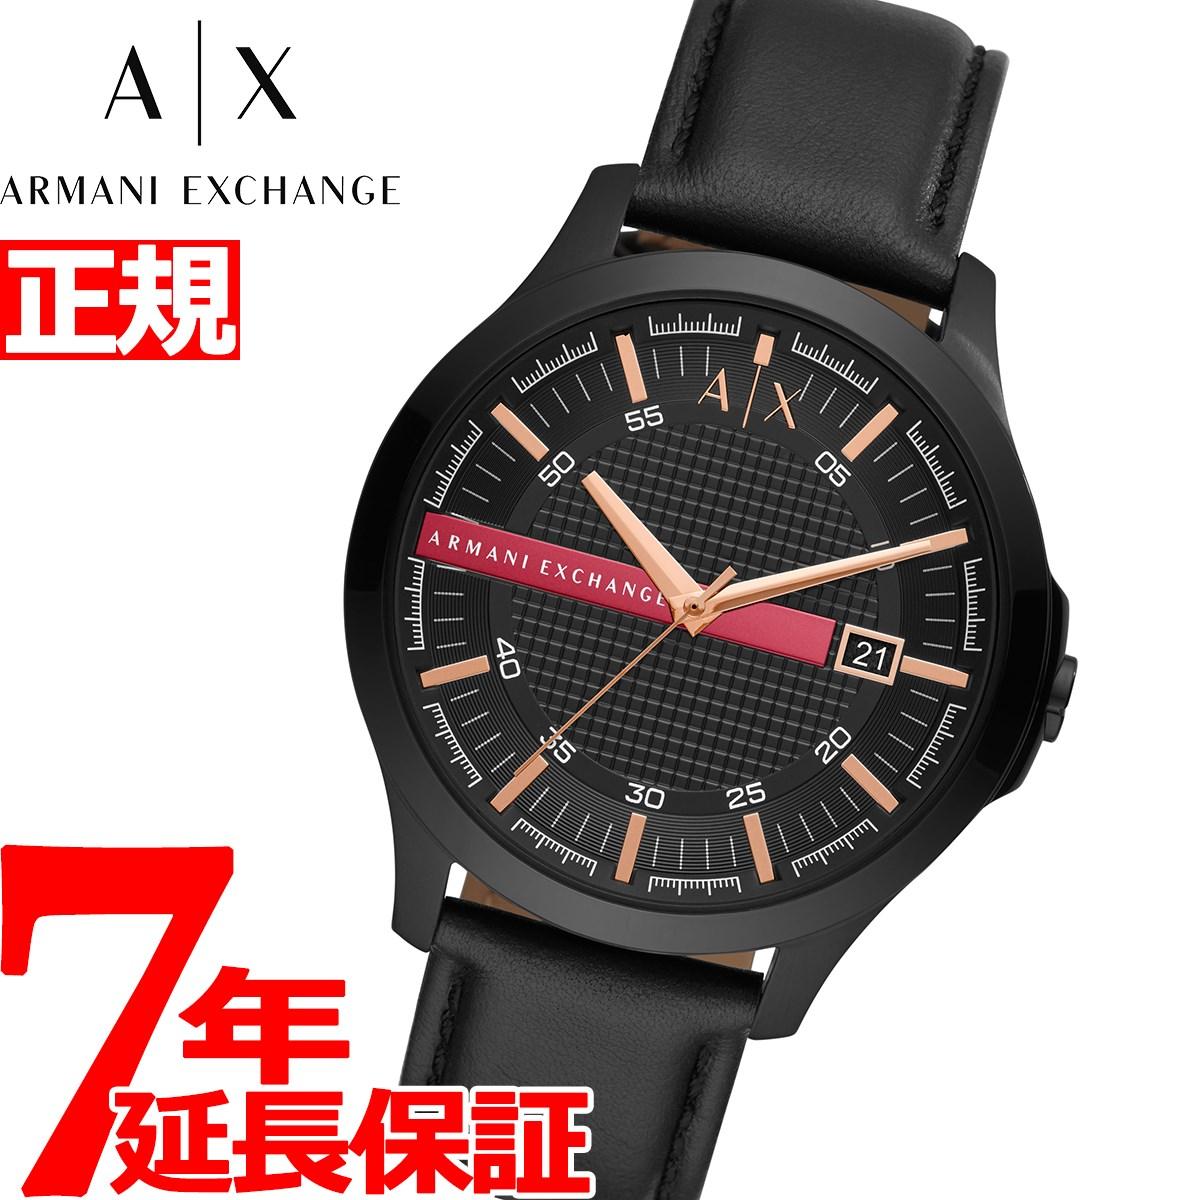 【5日0時~♪10%OFFクーポン&店内ポイント最大51倍!5日23時59分まで】A X アルマーニ エクスチェンジ ARMANI EXCHANGE 腕時計 メンズ ハンプトン HAMPTON AX2410